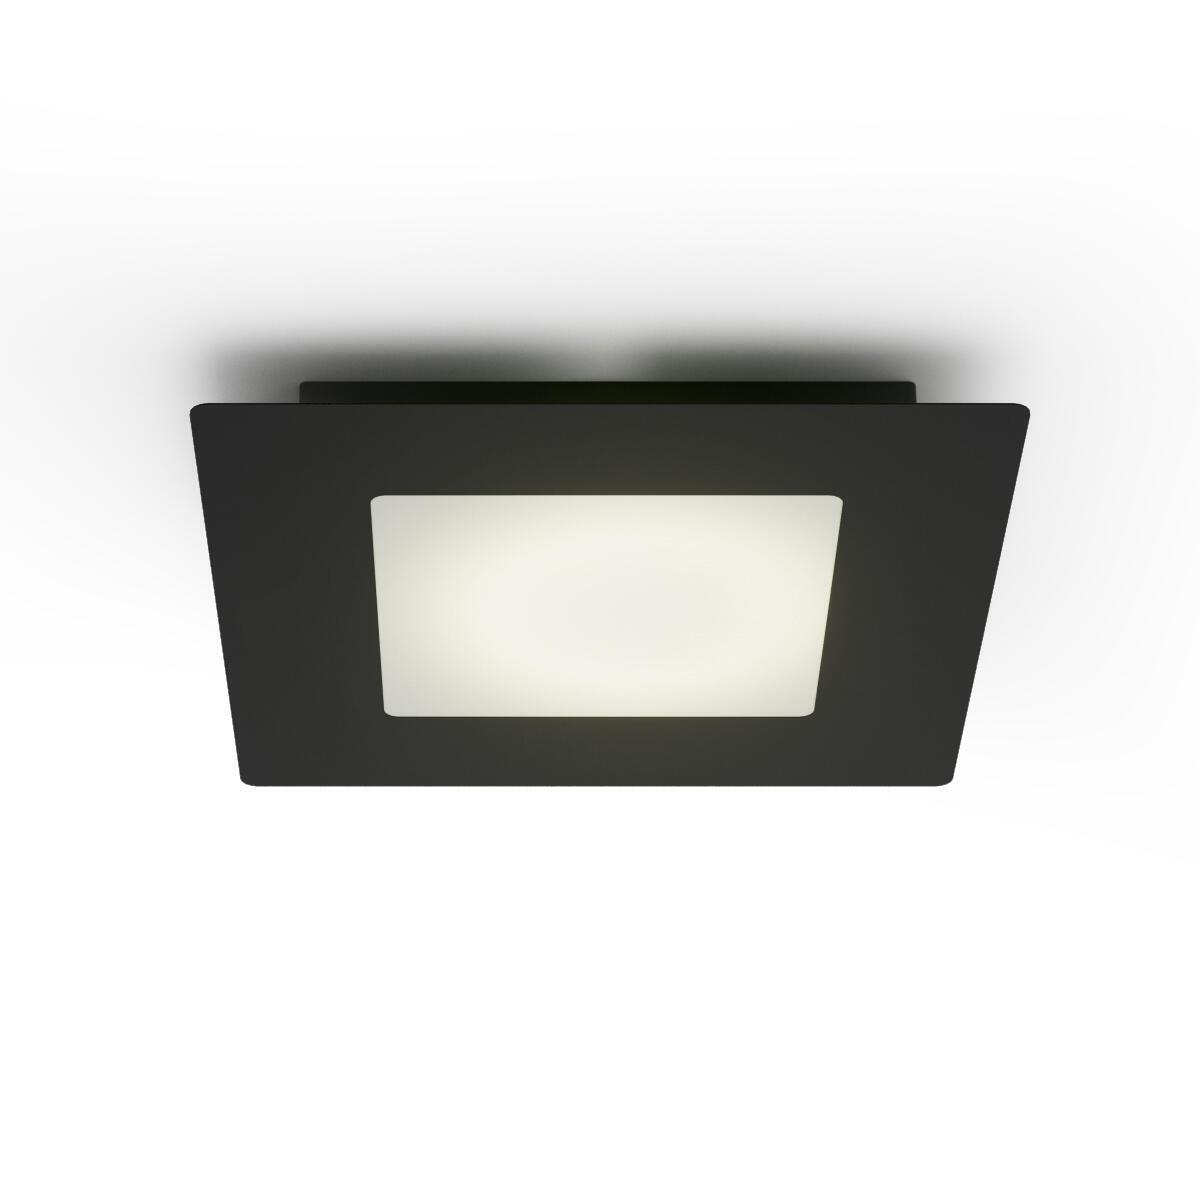 Plafoniera Hunk LED integrato antracite, in metallo, LED  luci